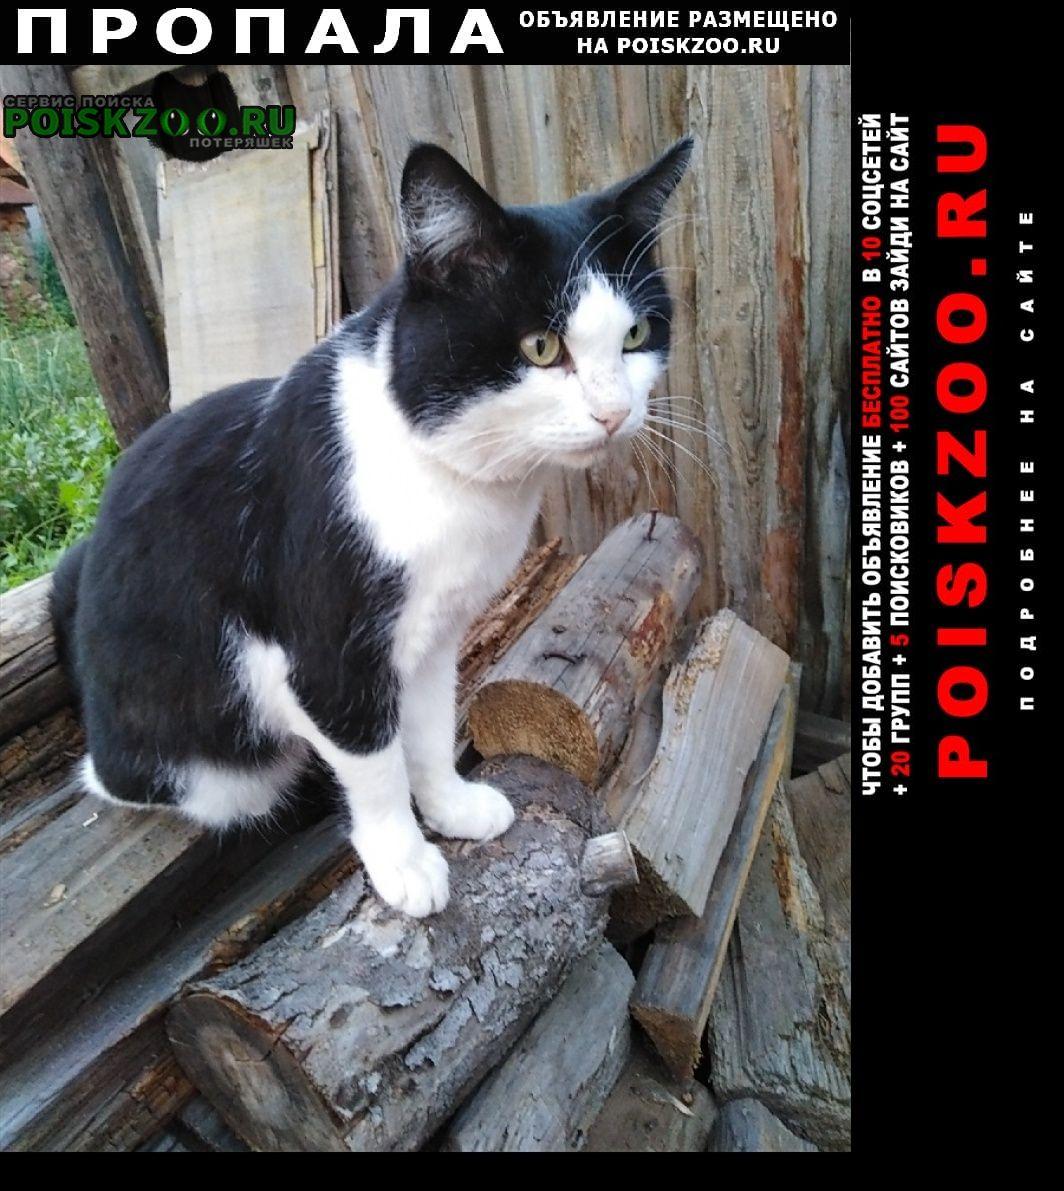 Сарапул Пропала кошка кот